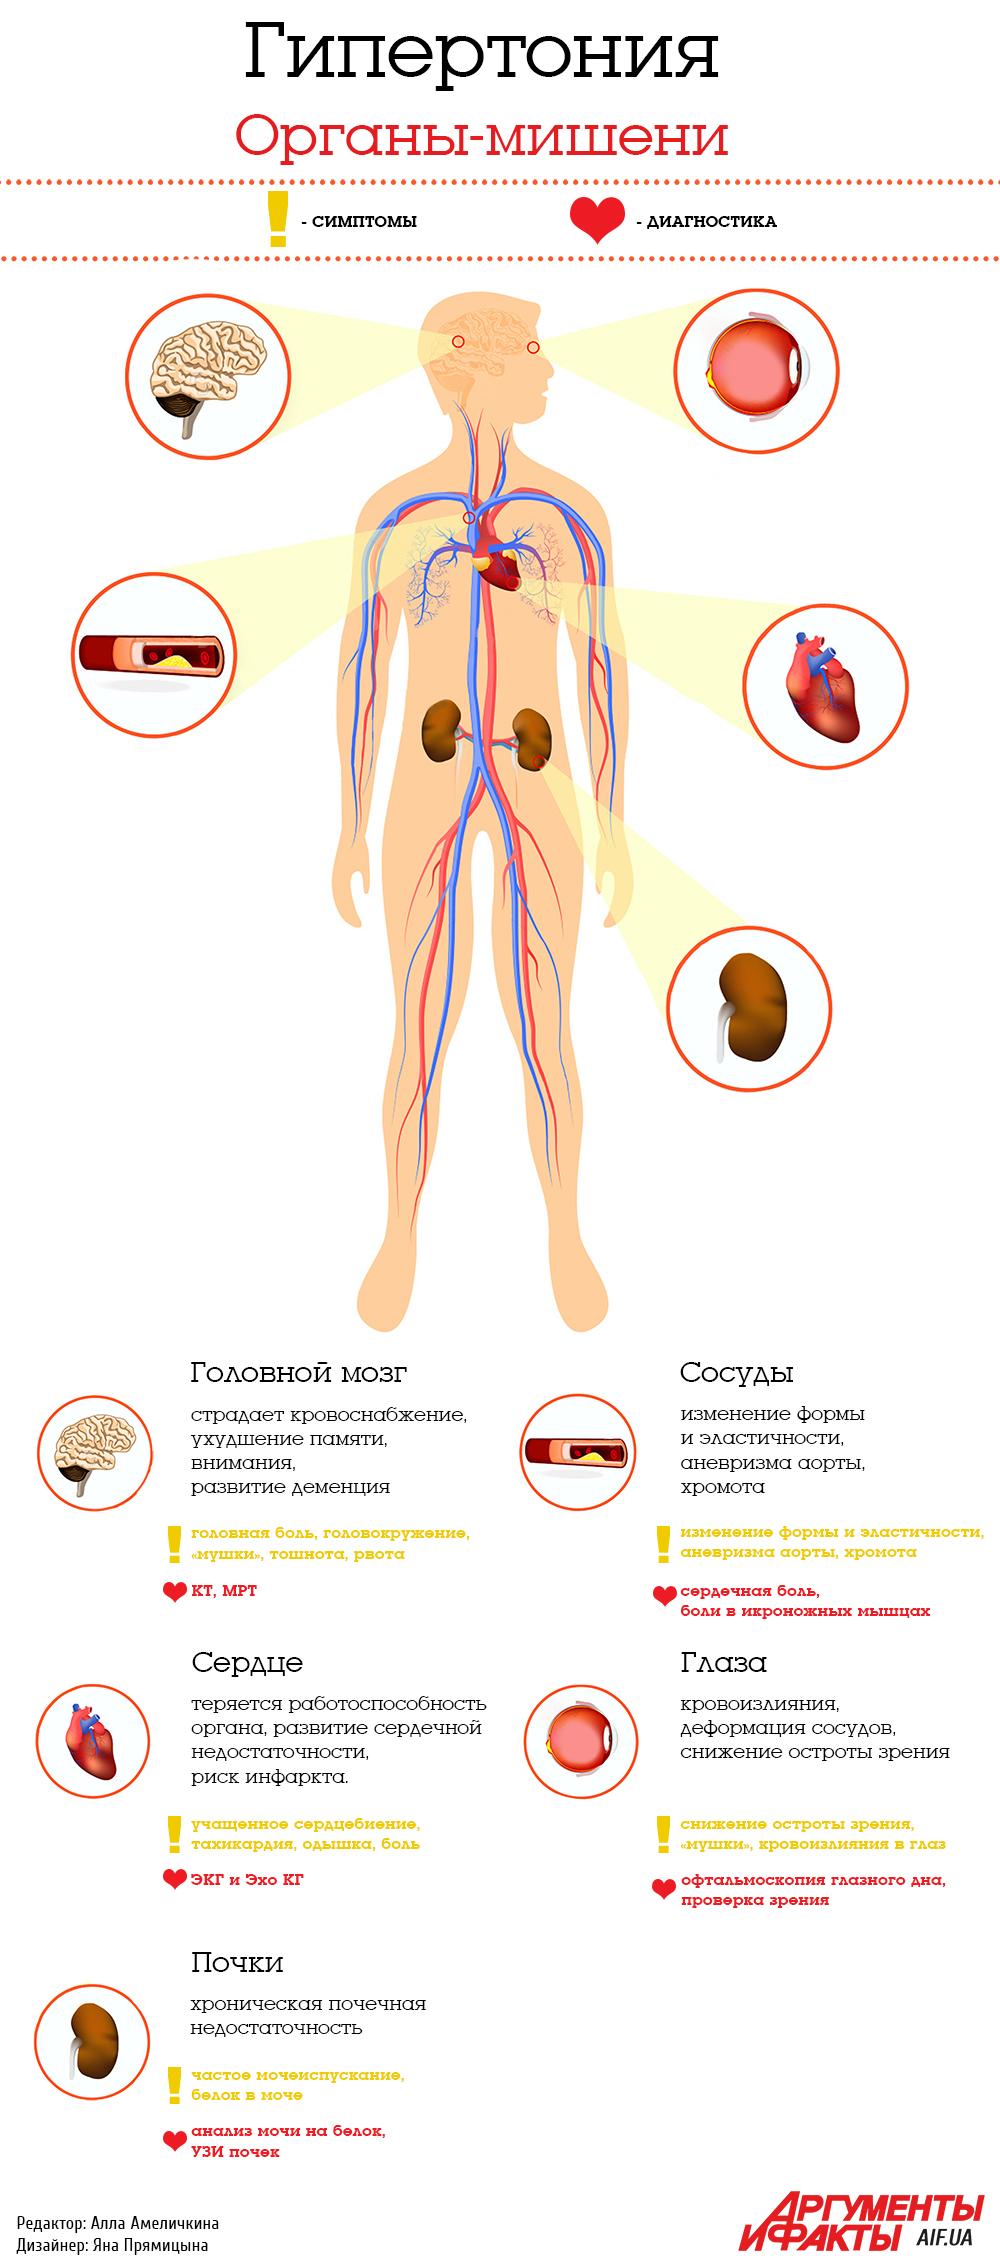 Органы мишени при артериальной гипертензии - Здоровое Давление